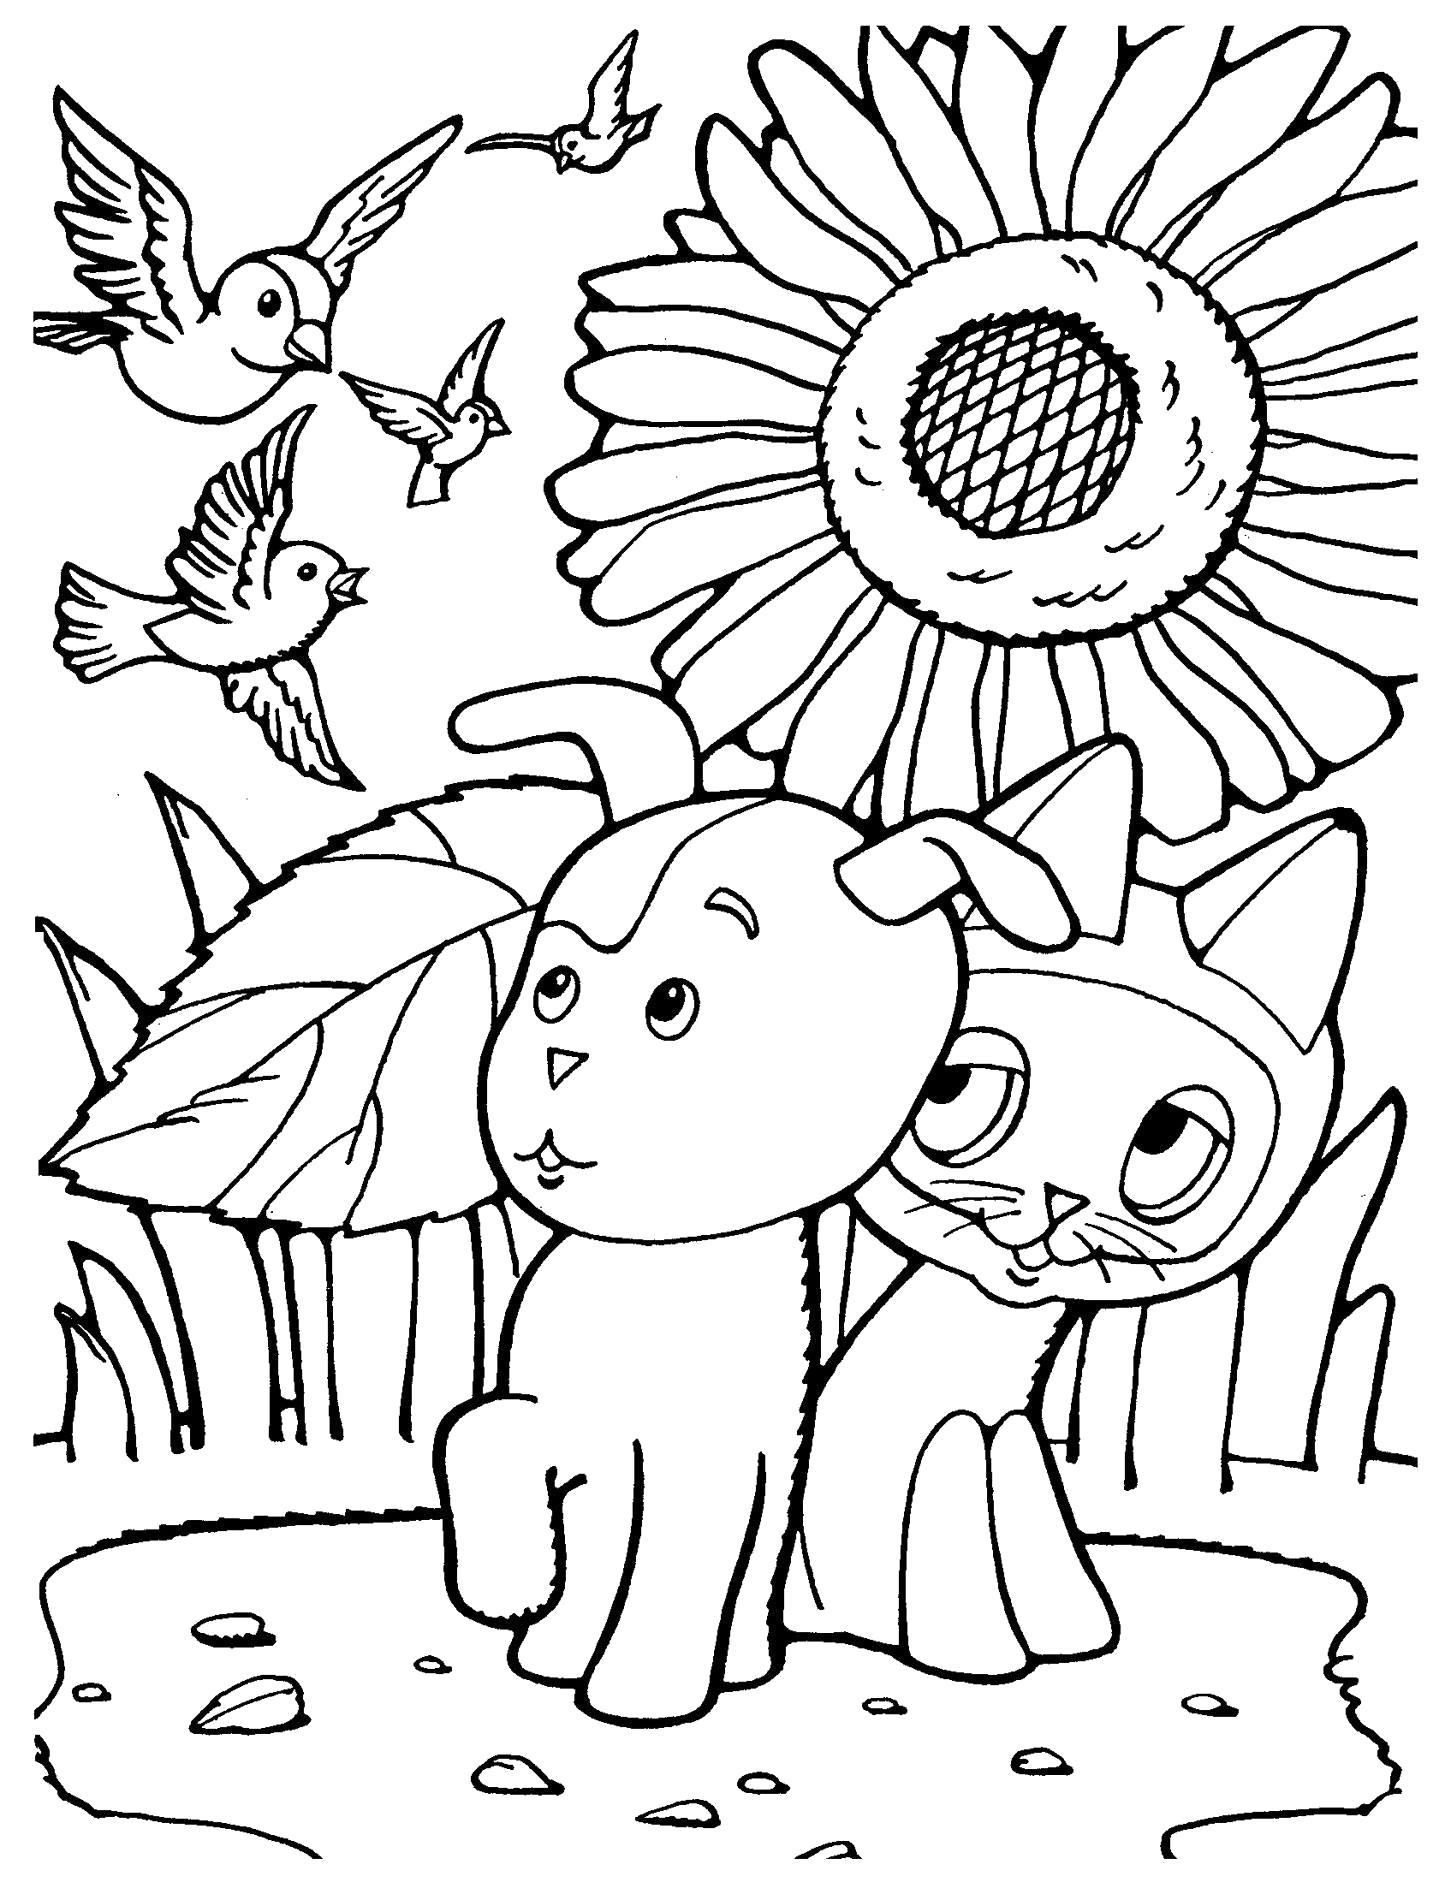 Раскраска Мультфильм Котенок по имени Гав! котенок и собака шарик испугались птиц. Скачать .  Распечатать